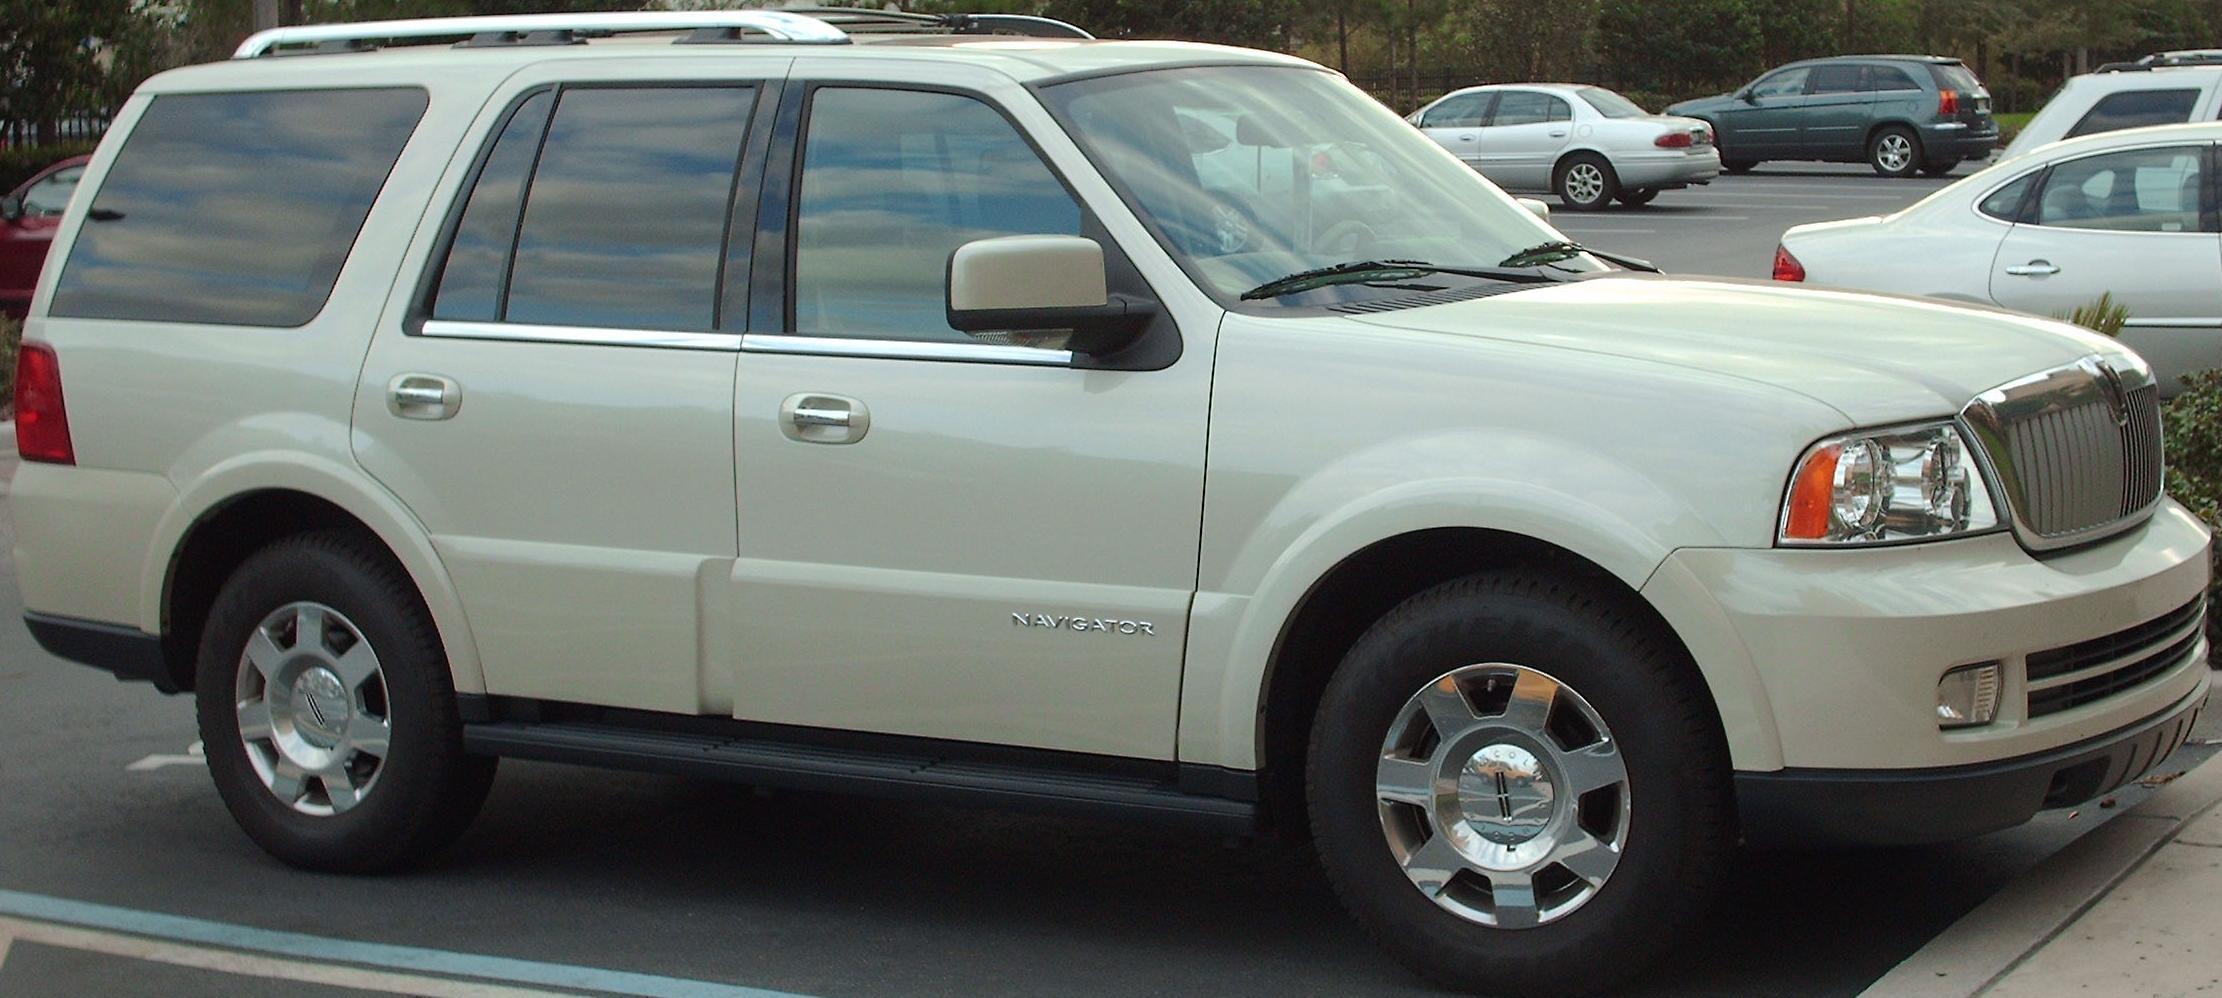 2005 Lincoln Navigator Image 15